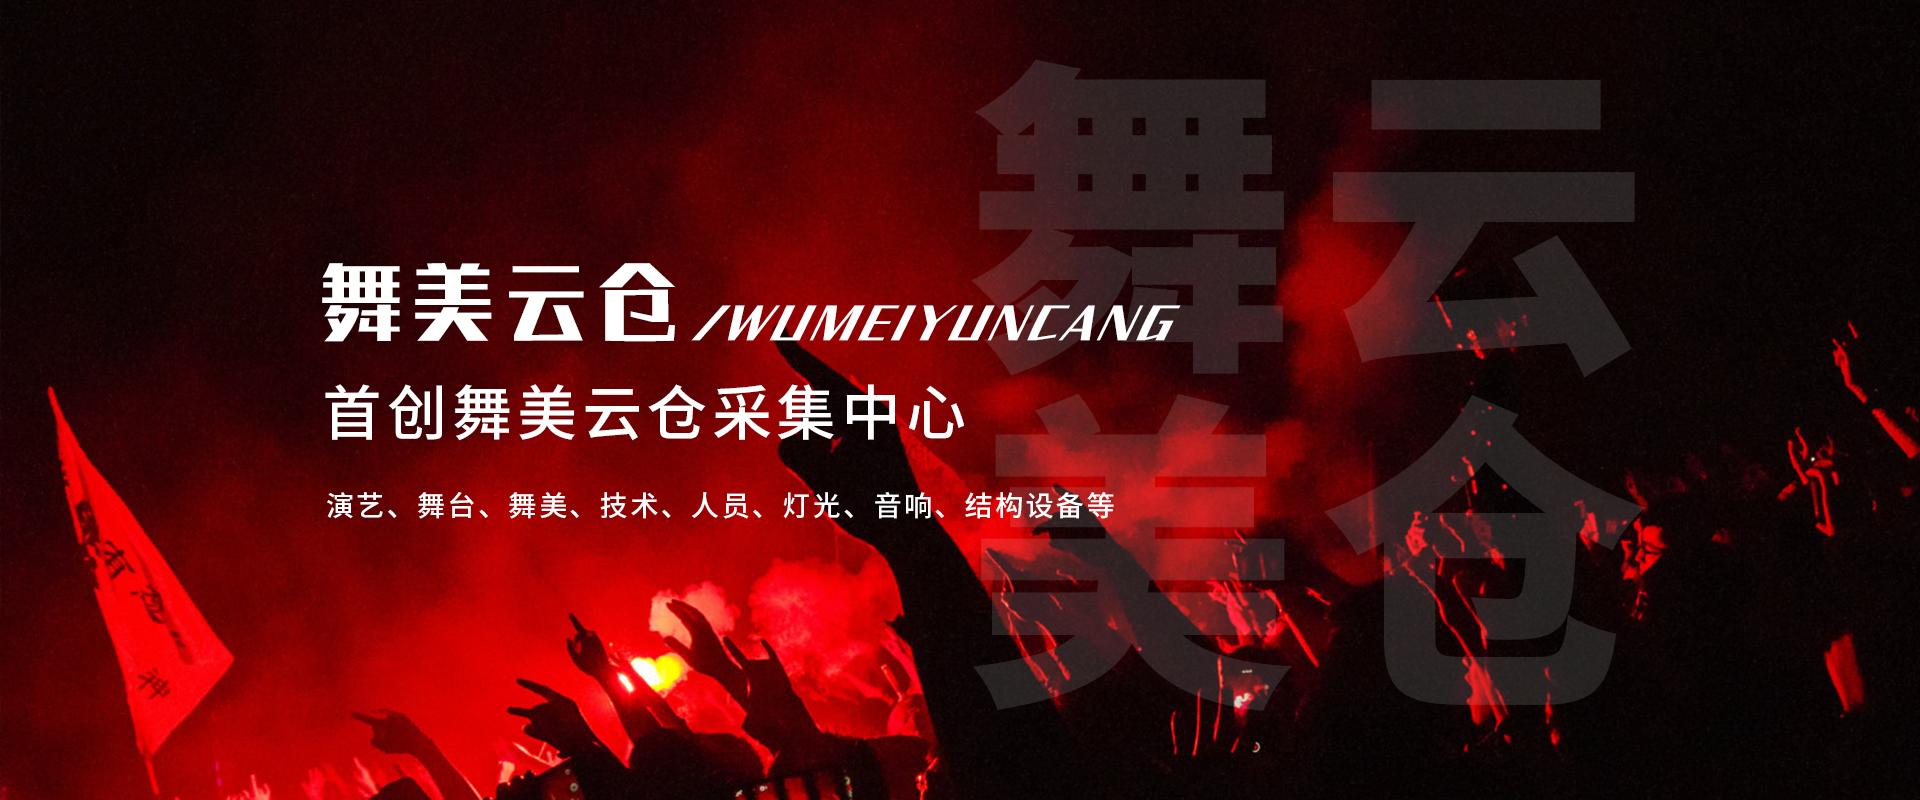 云南慶典公司